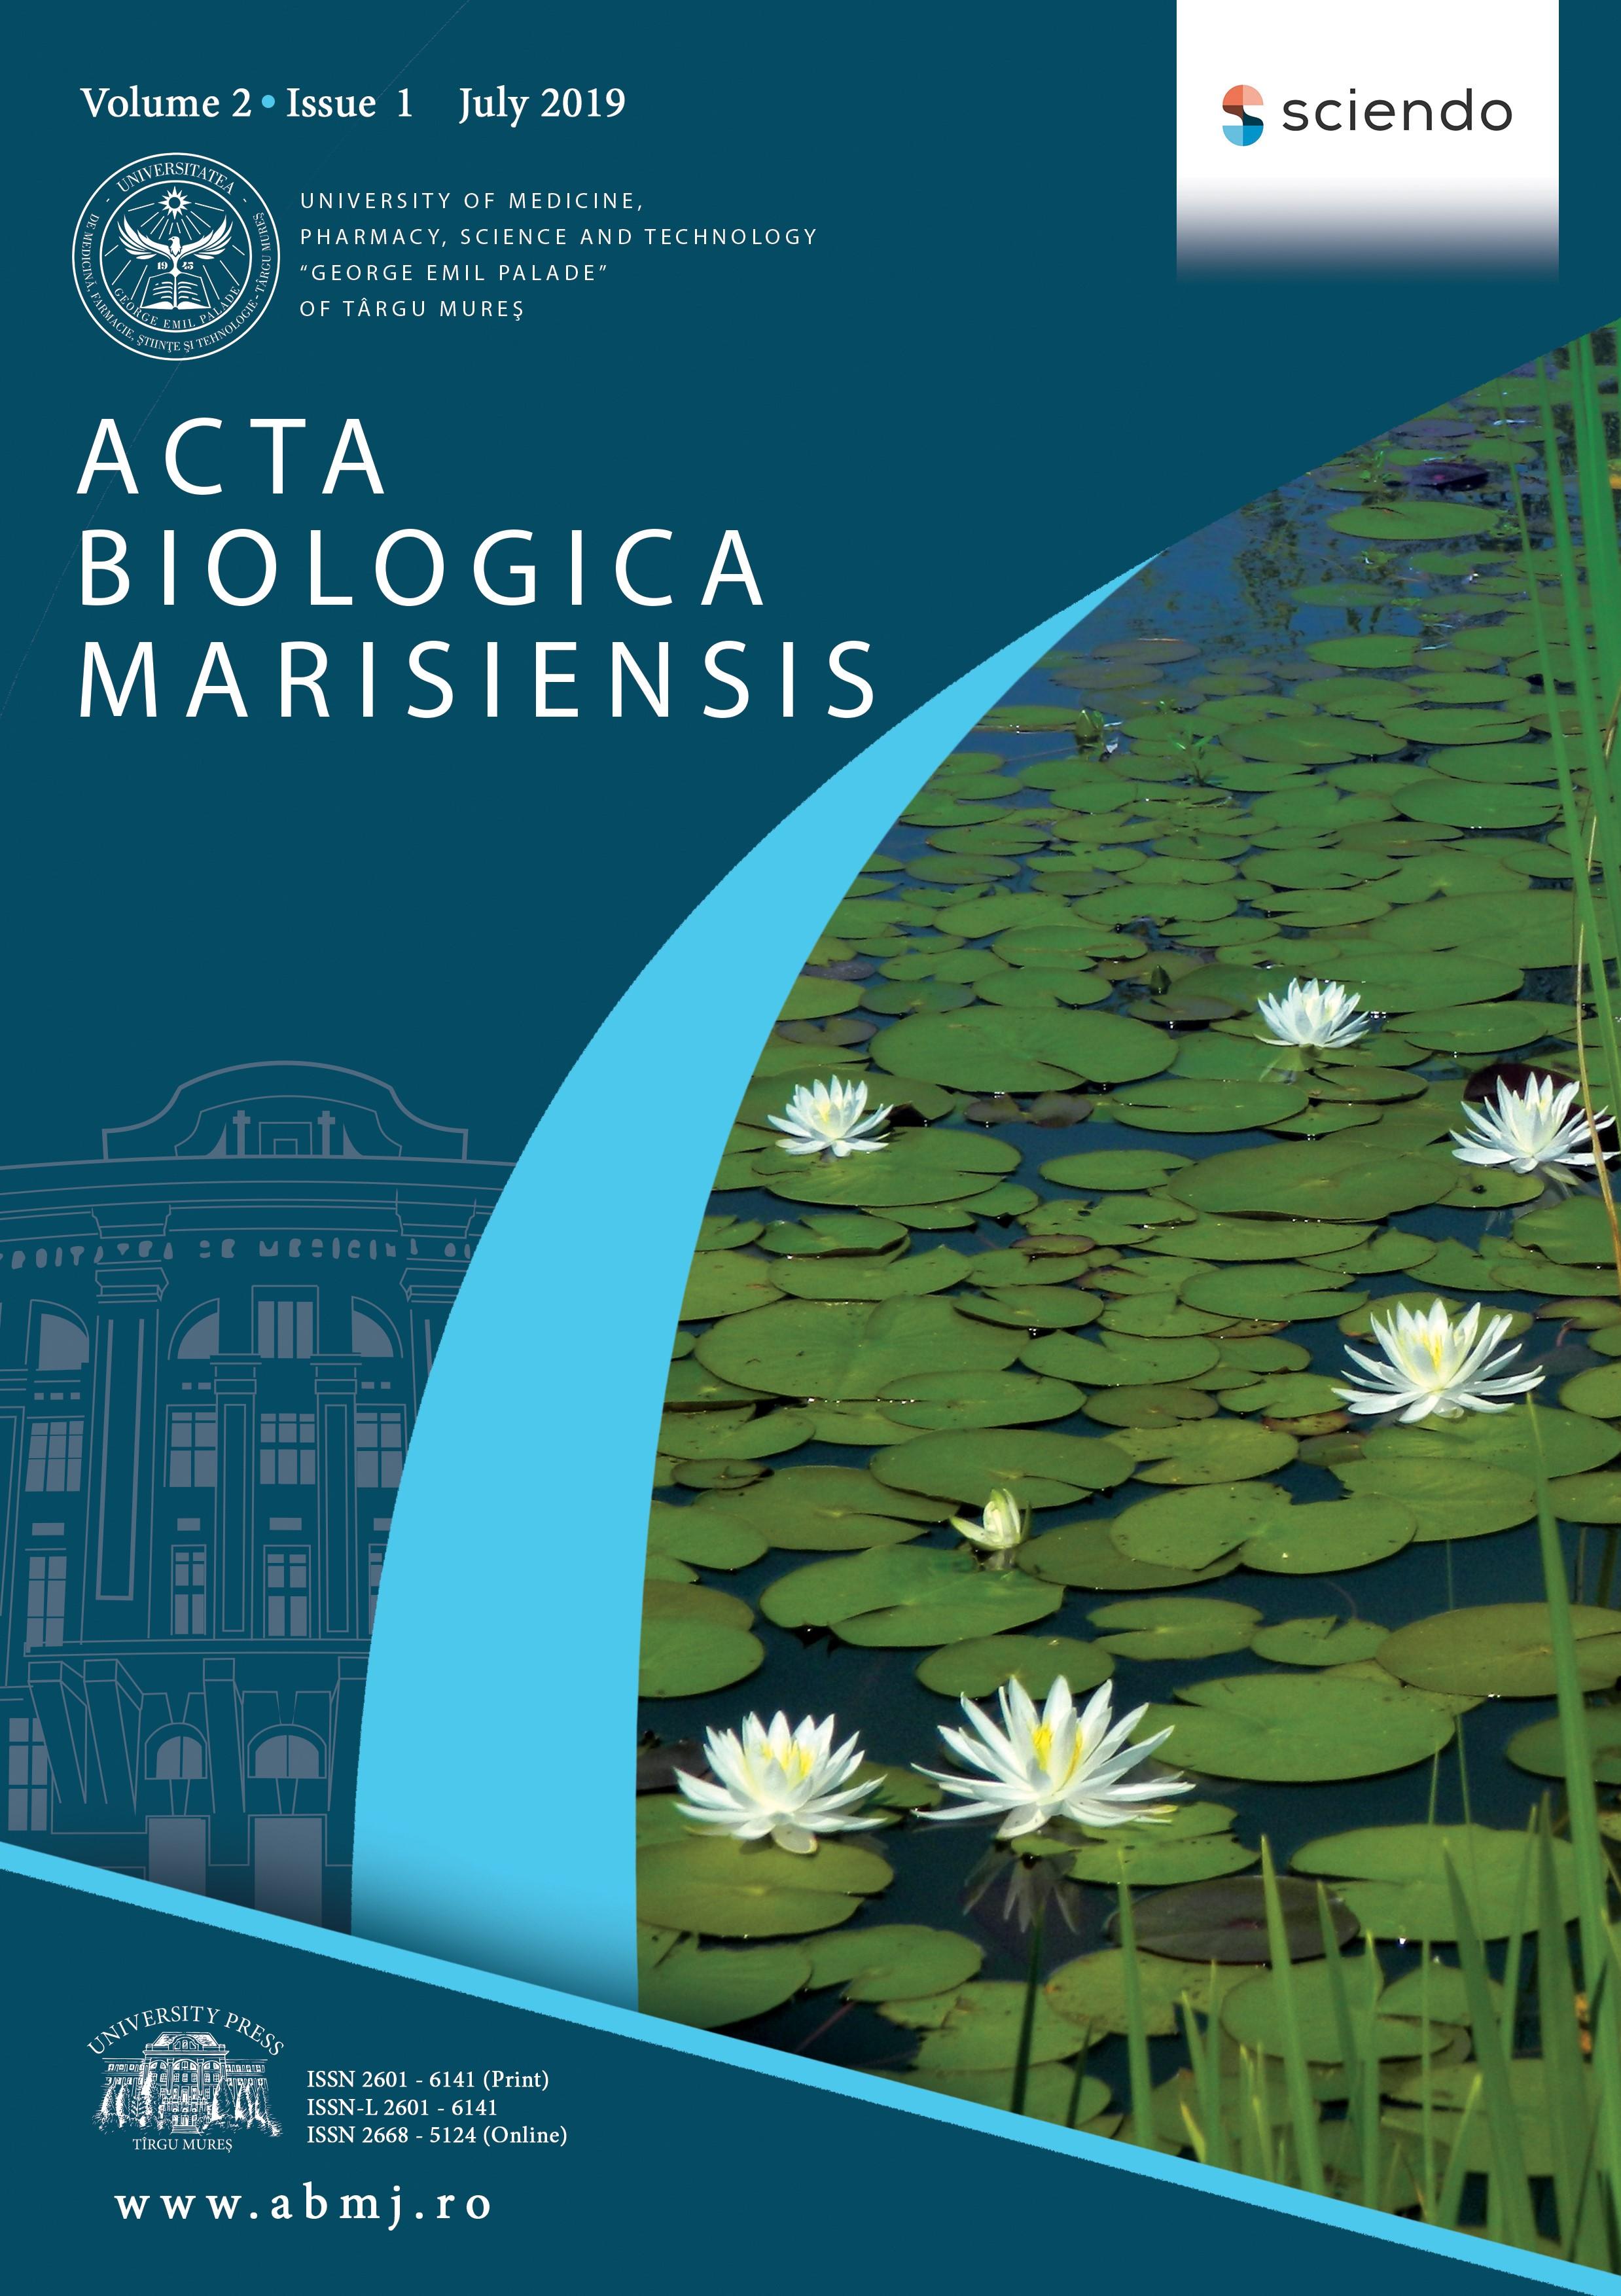 Cercetătorii UMFST, invitați să publice lucrări științifice în revista Acta Biologica Marisiensis